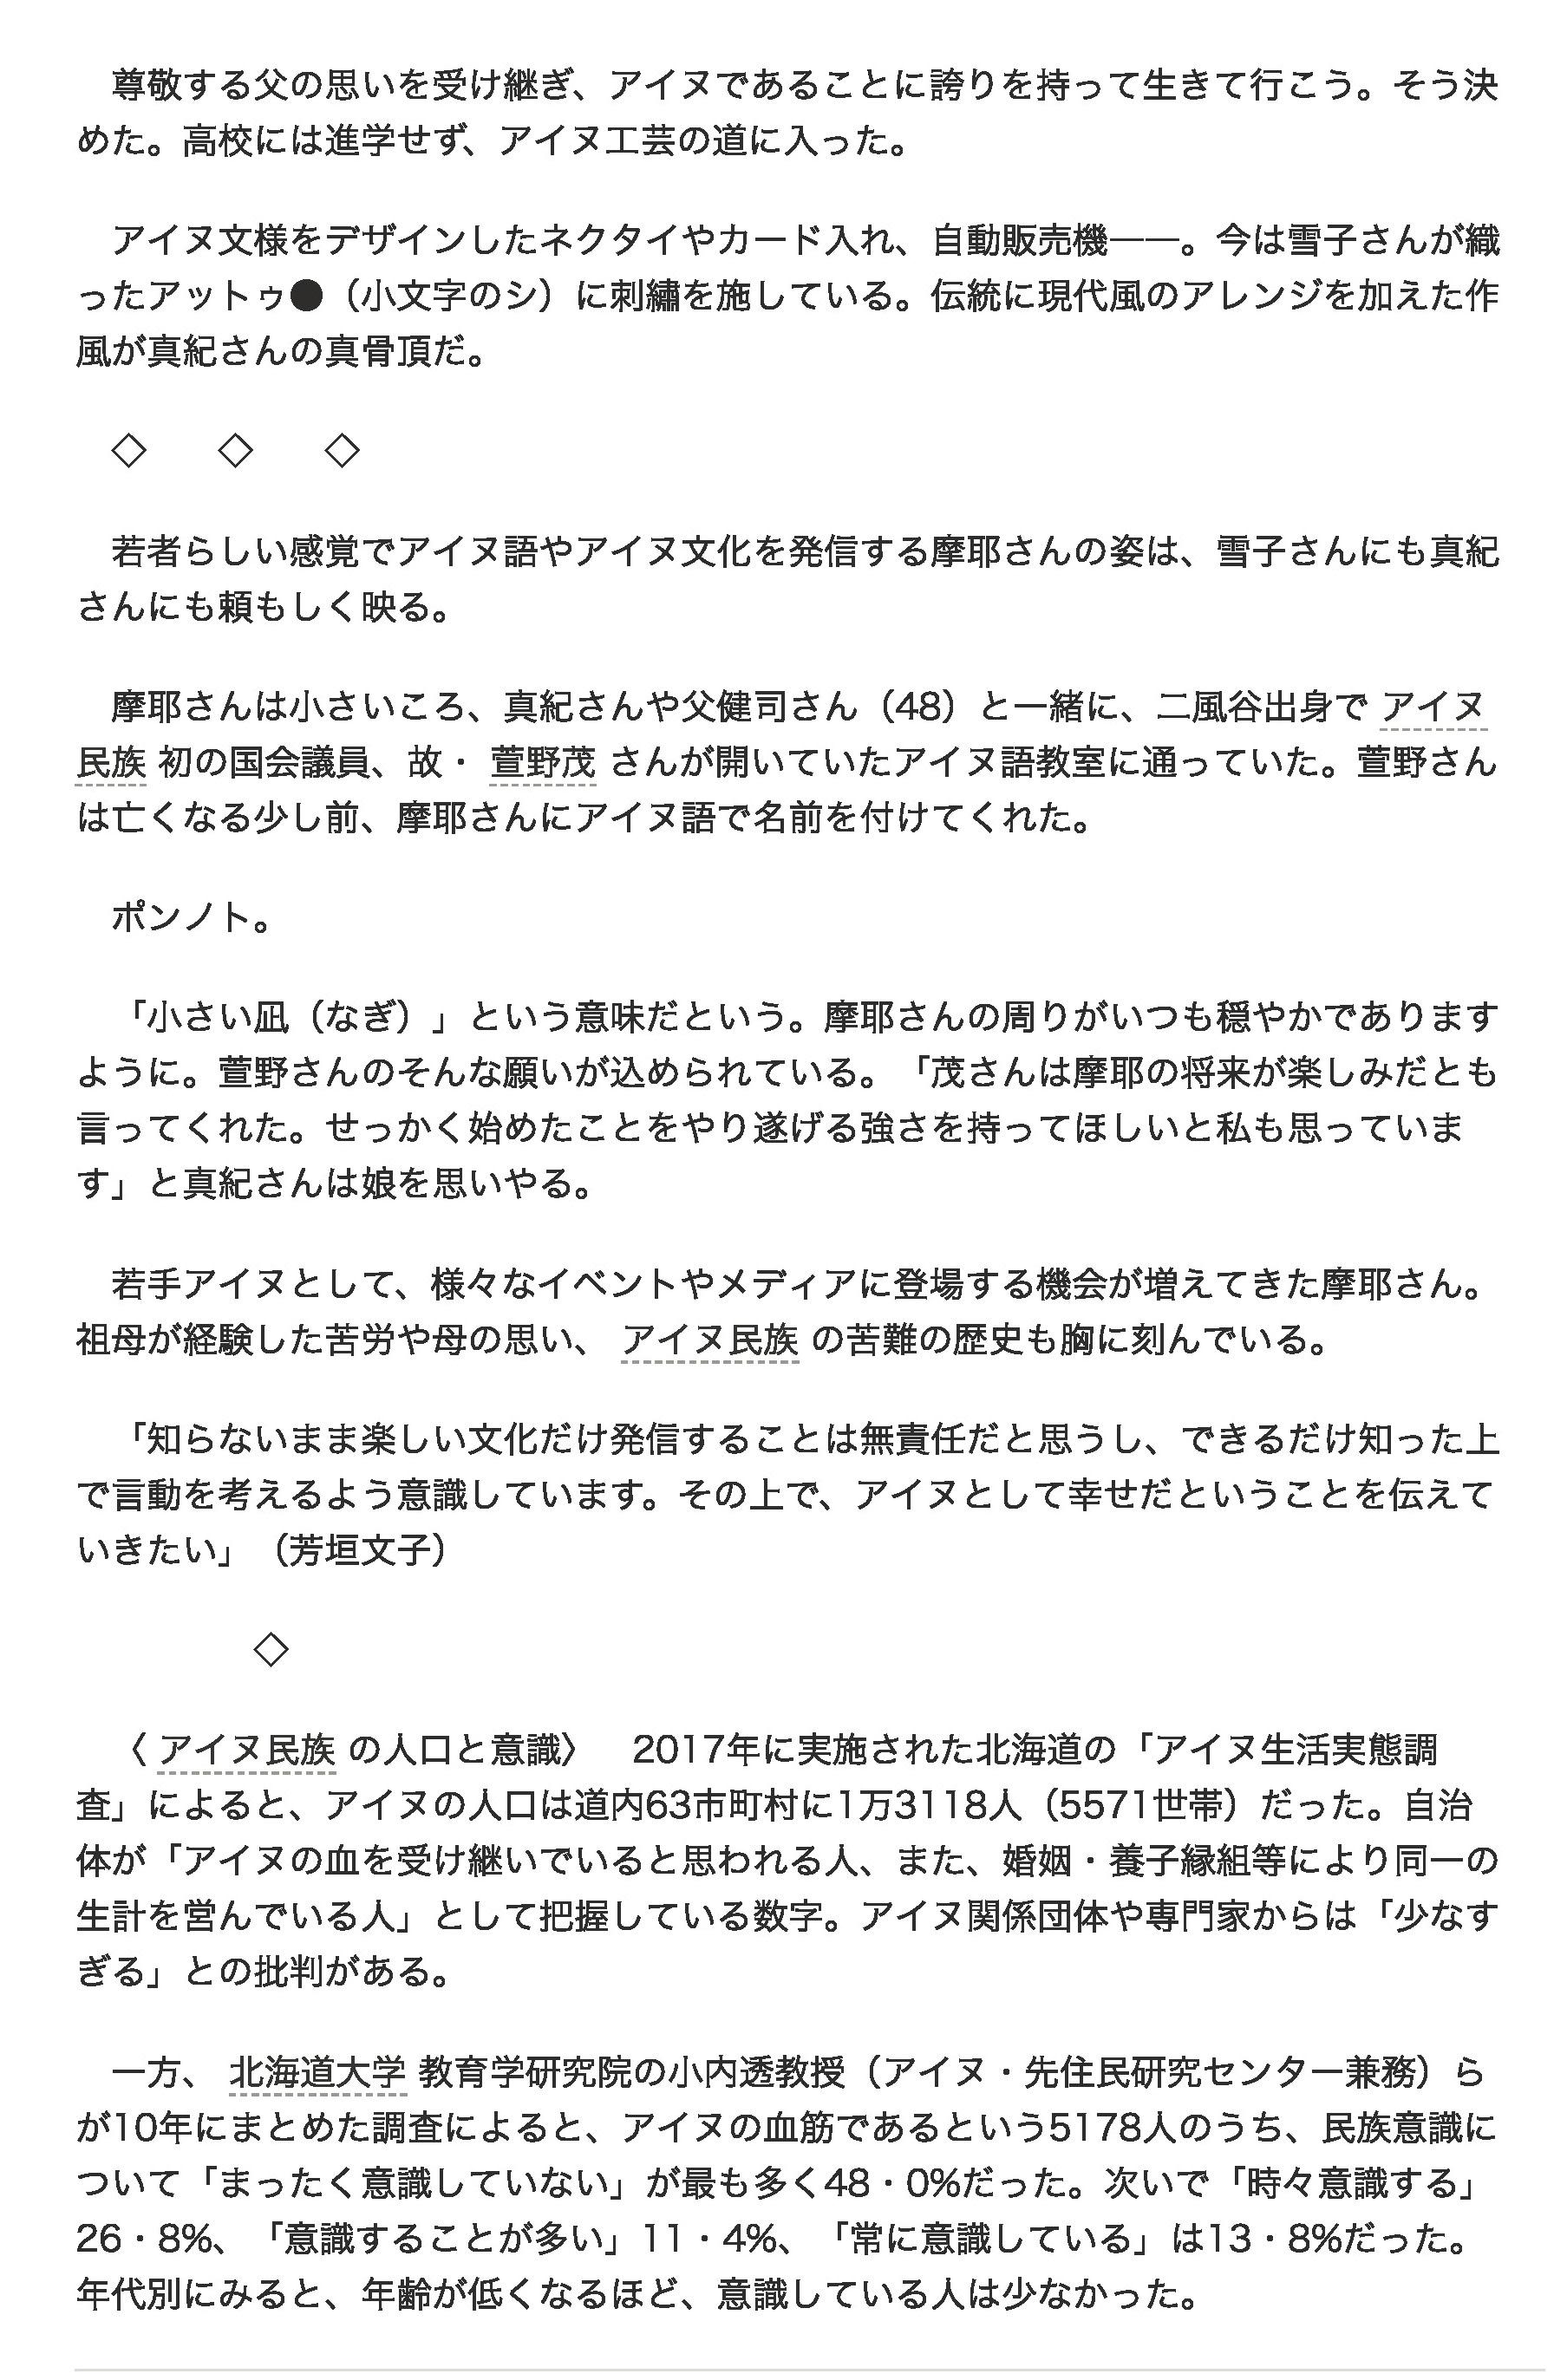 朝日新聞3月28日 (3/3)